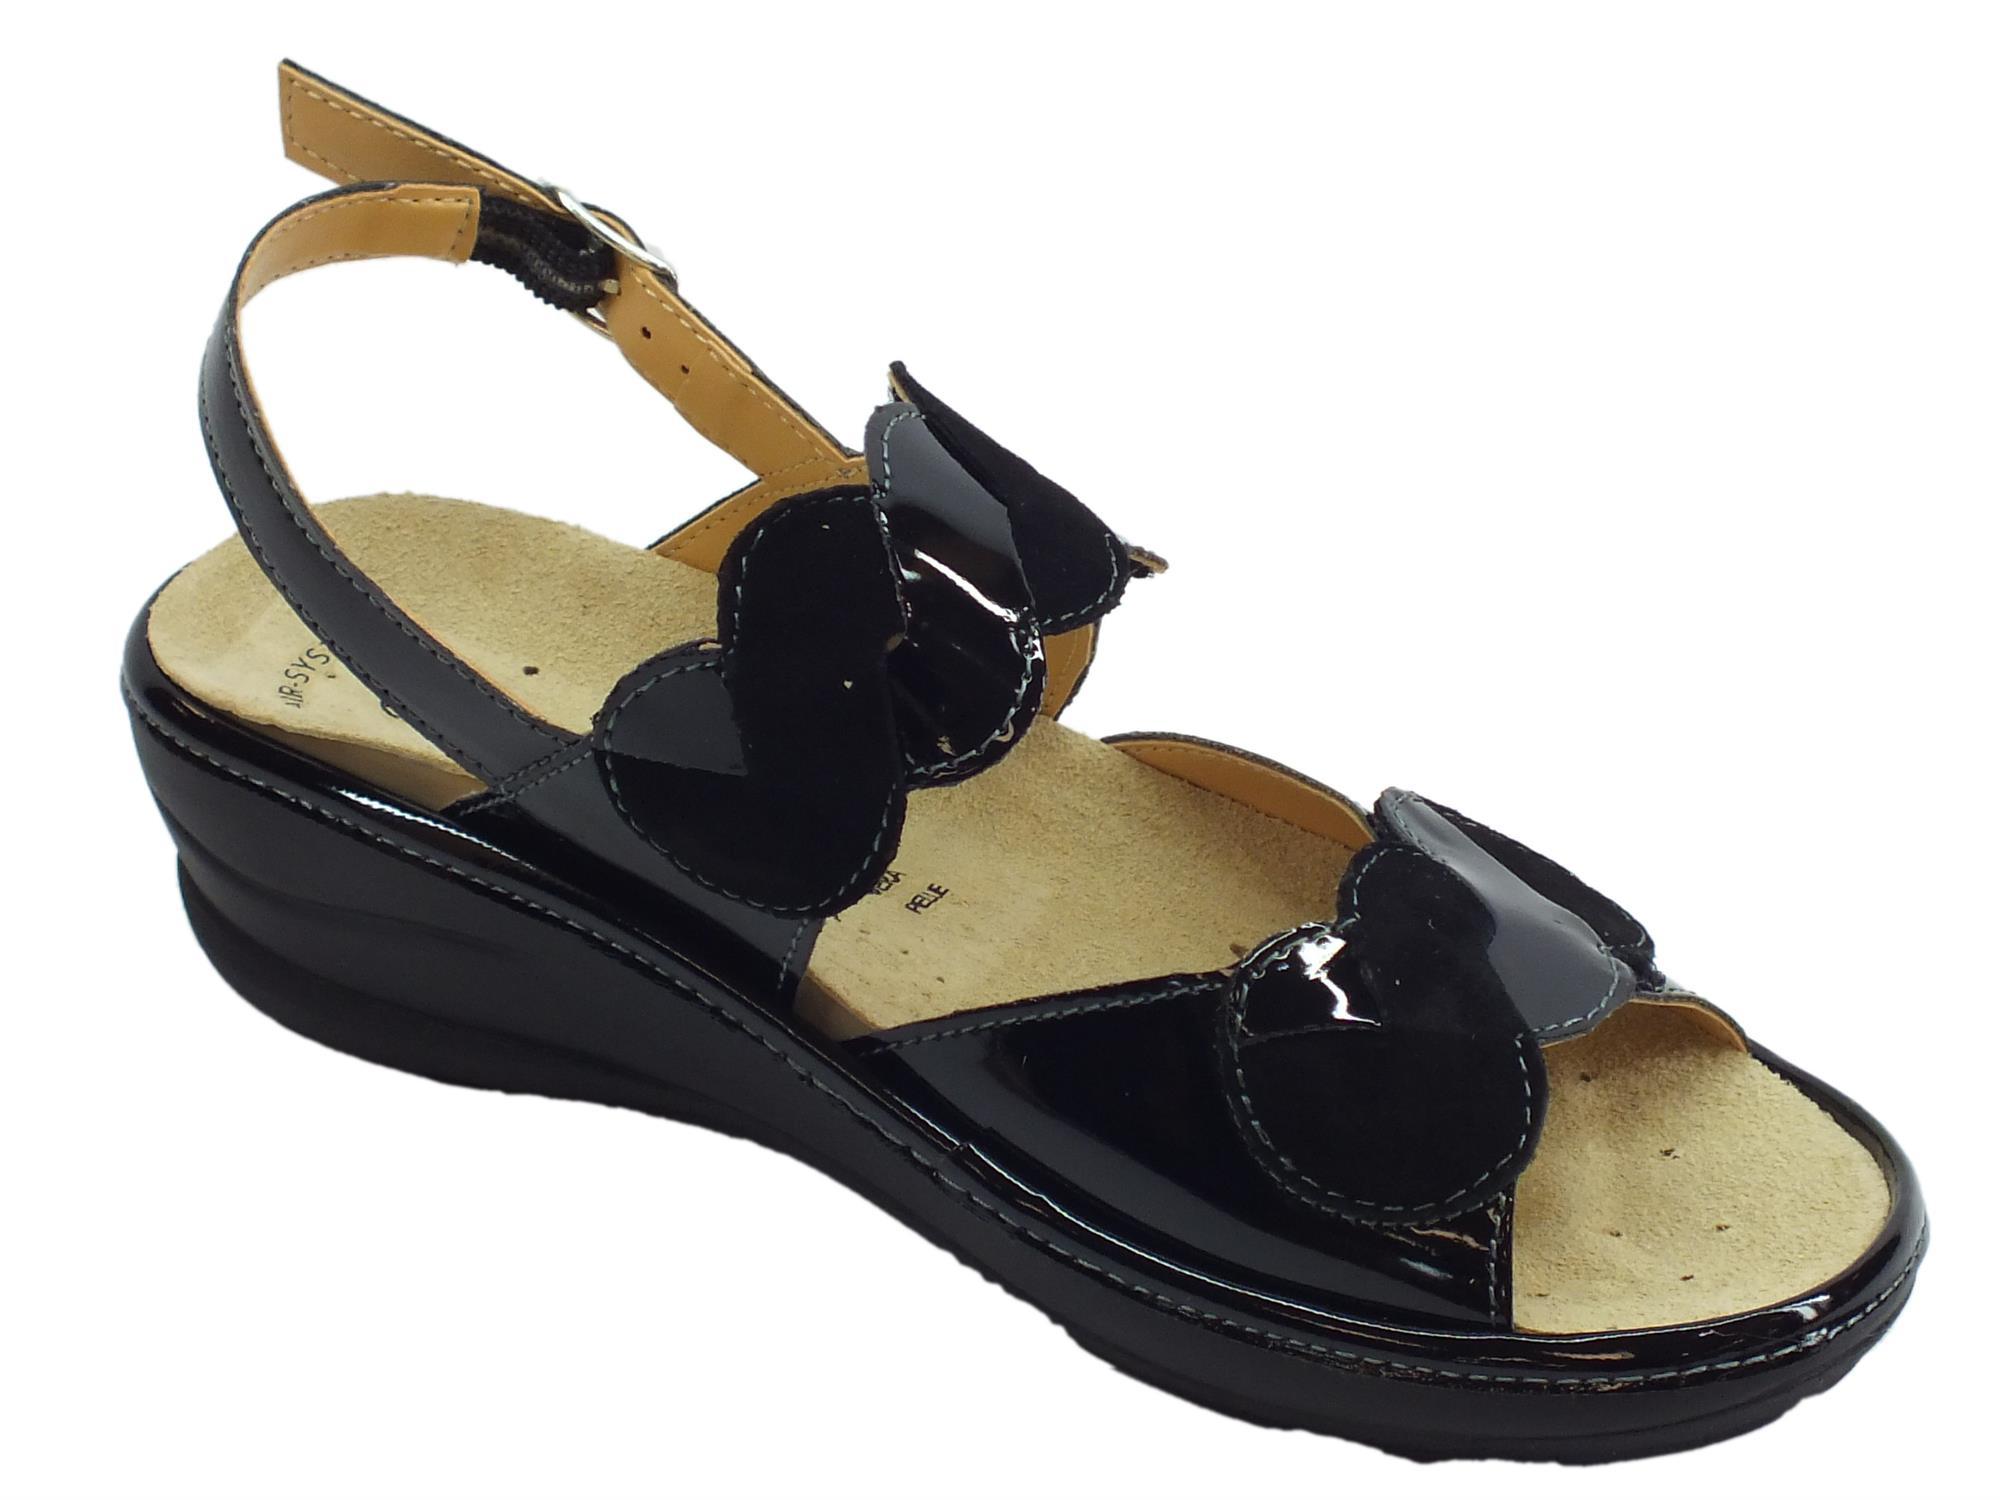 3061c2fc6ced8 ... Cinzia Soft sandali comodi in vernice e scamosciato nero fondo  antiscivolo ...